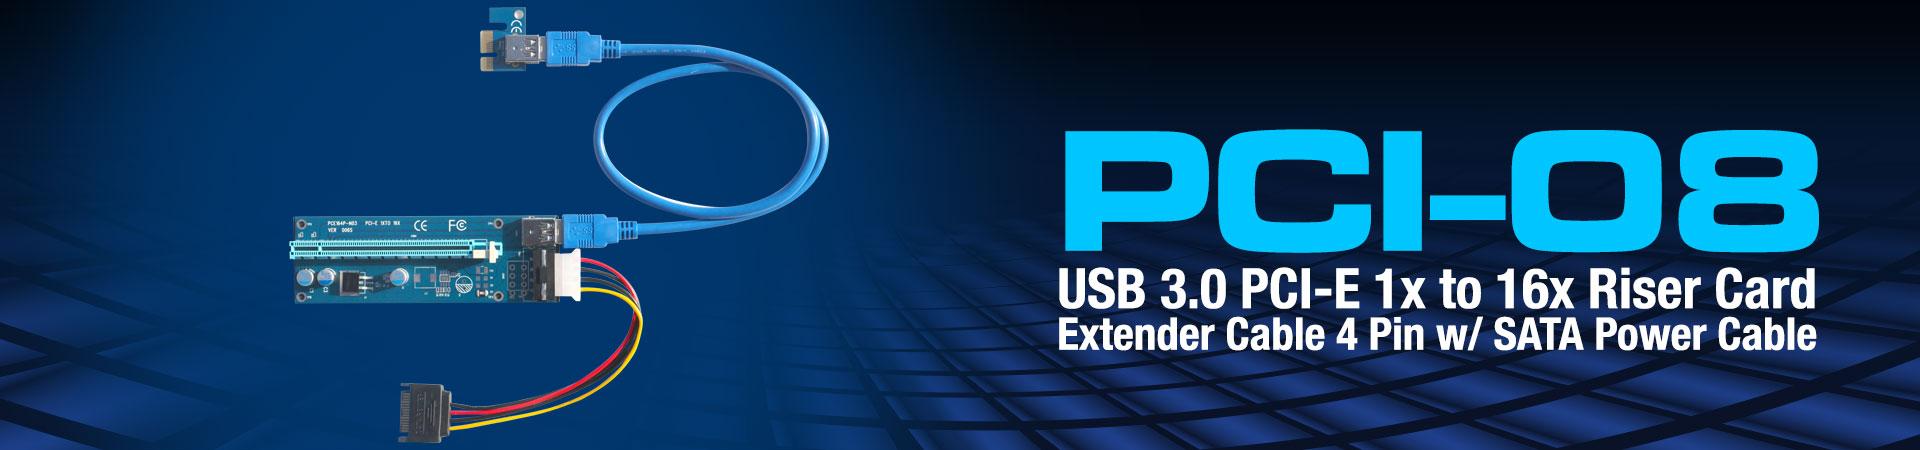 PCI-08_BANNER4